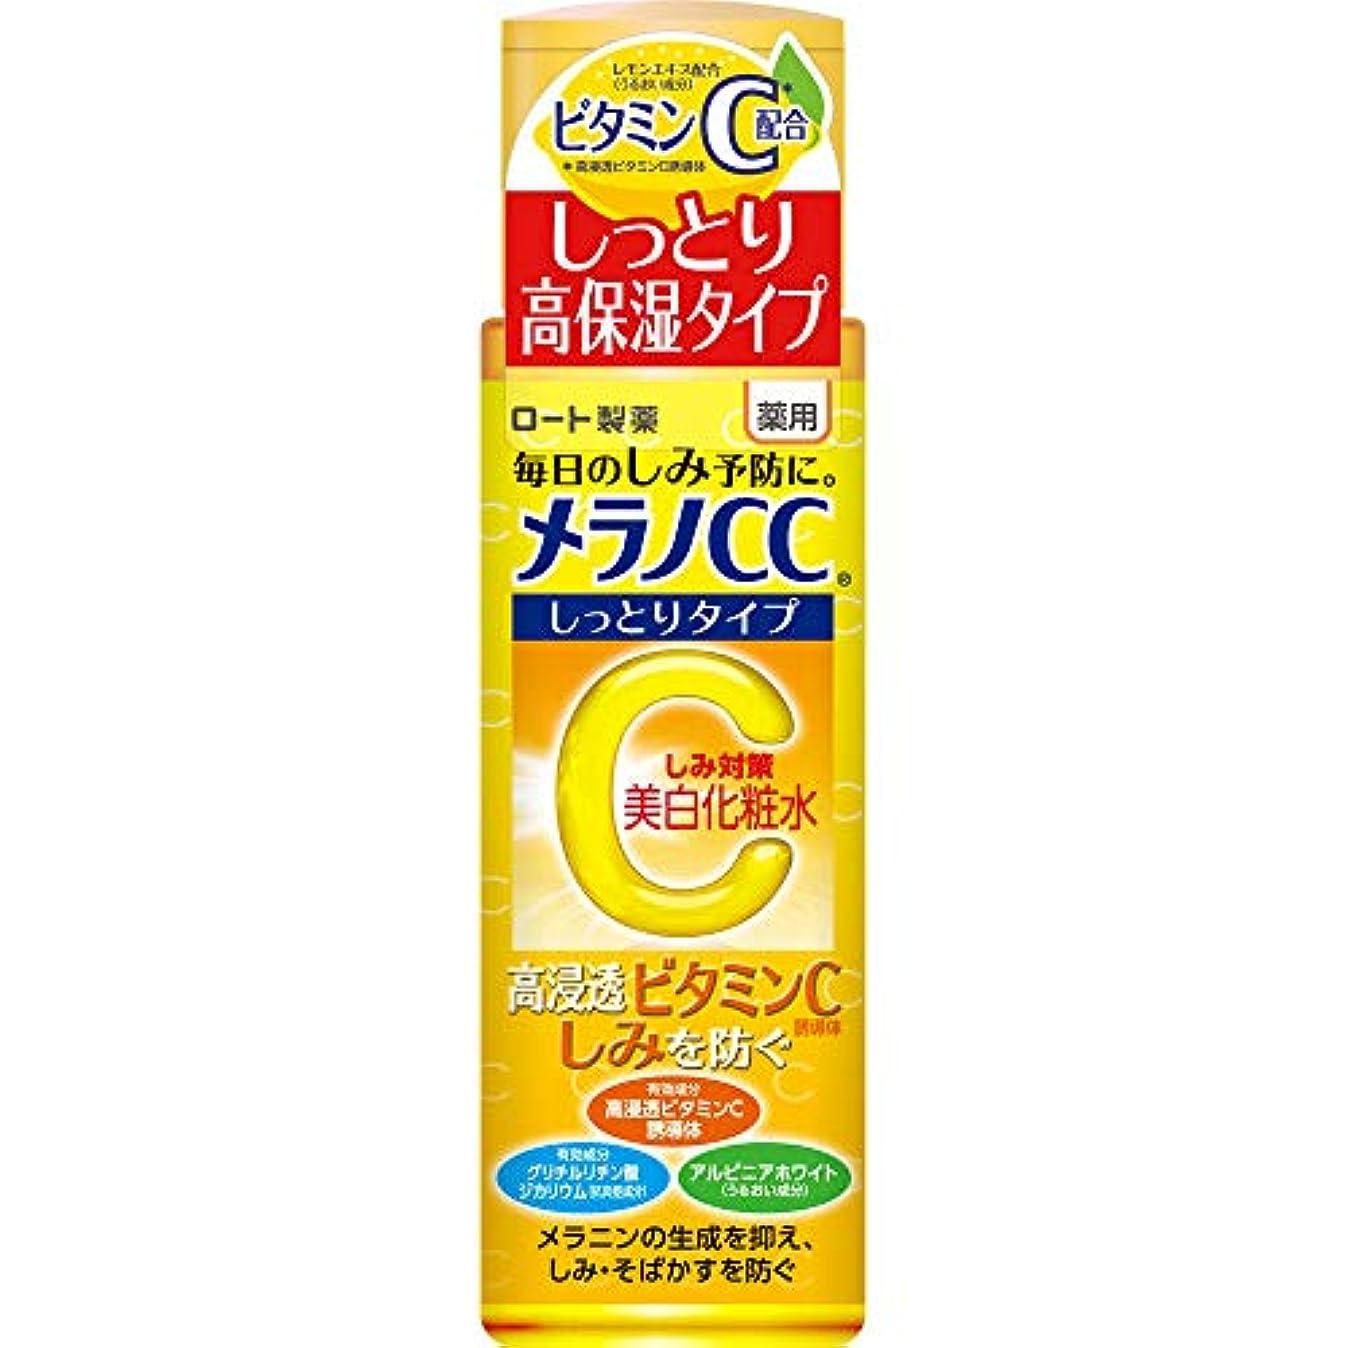 隙間正午分泌するメラノCC 薬用しみ対策美白化粧水 しっとりタイプ 170mL